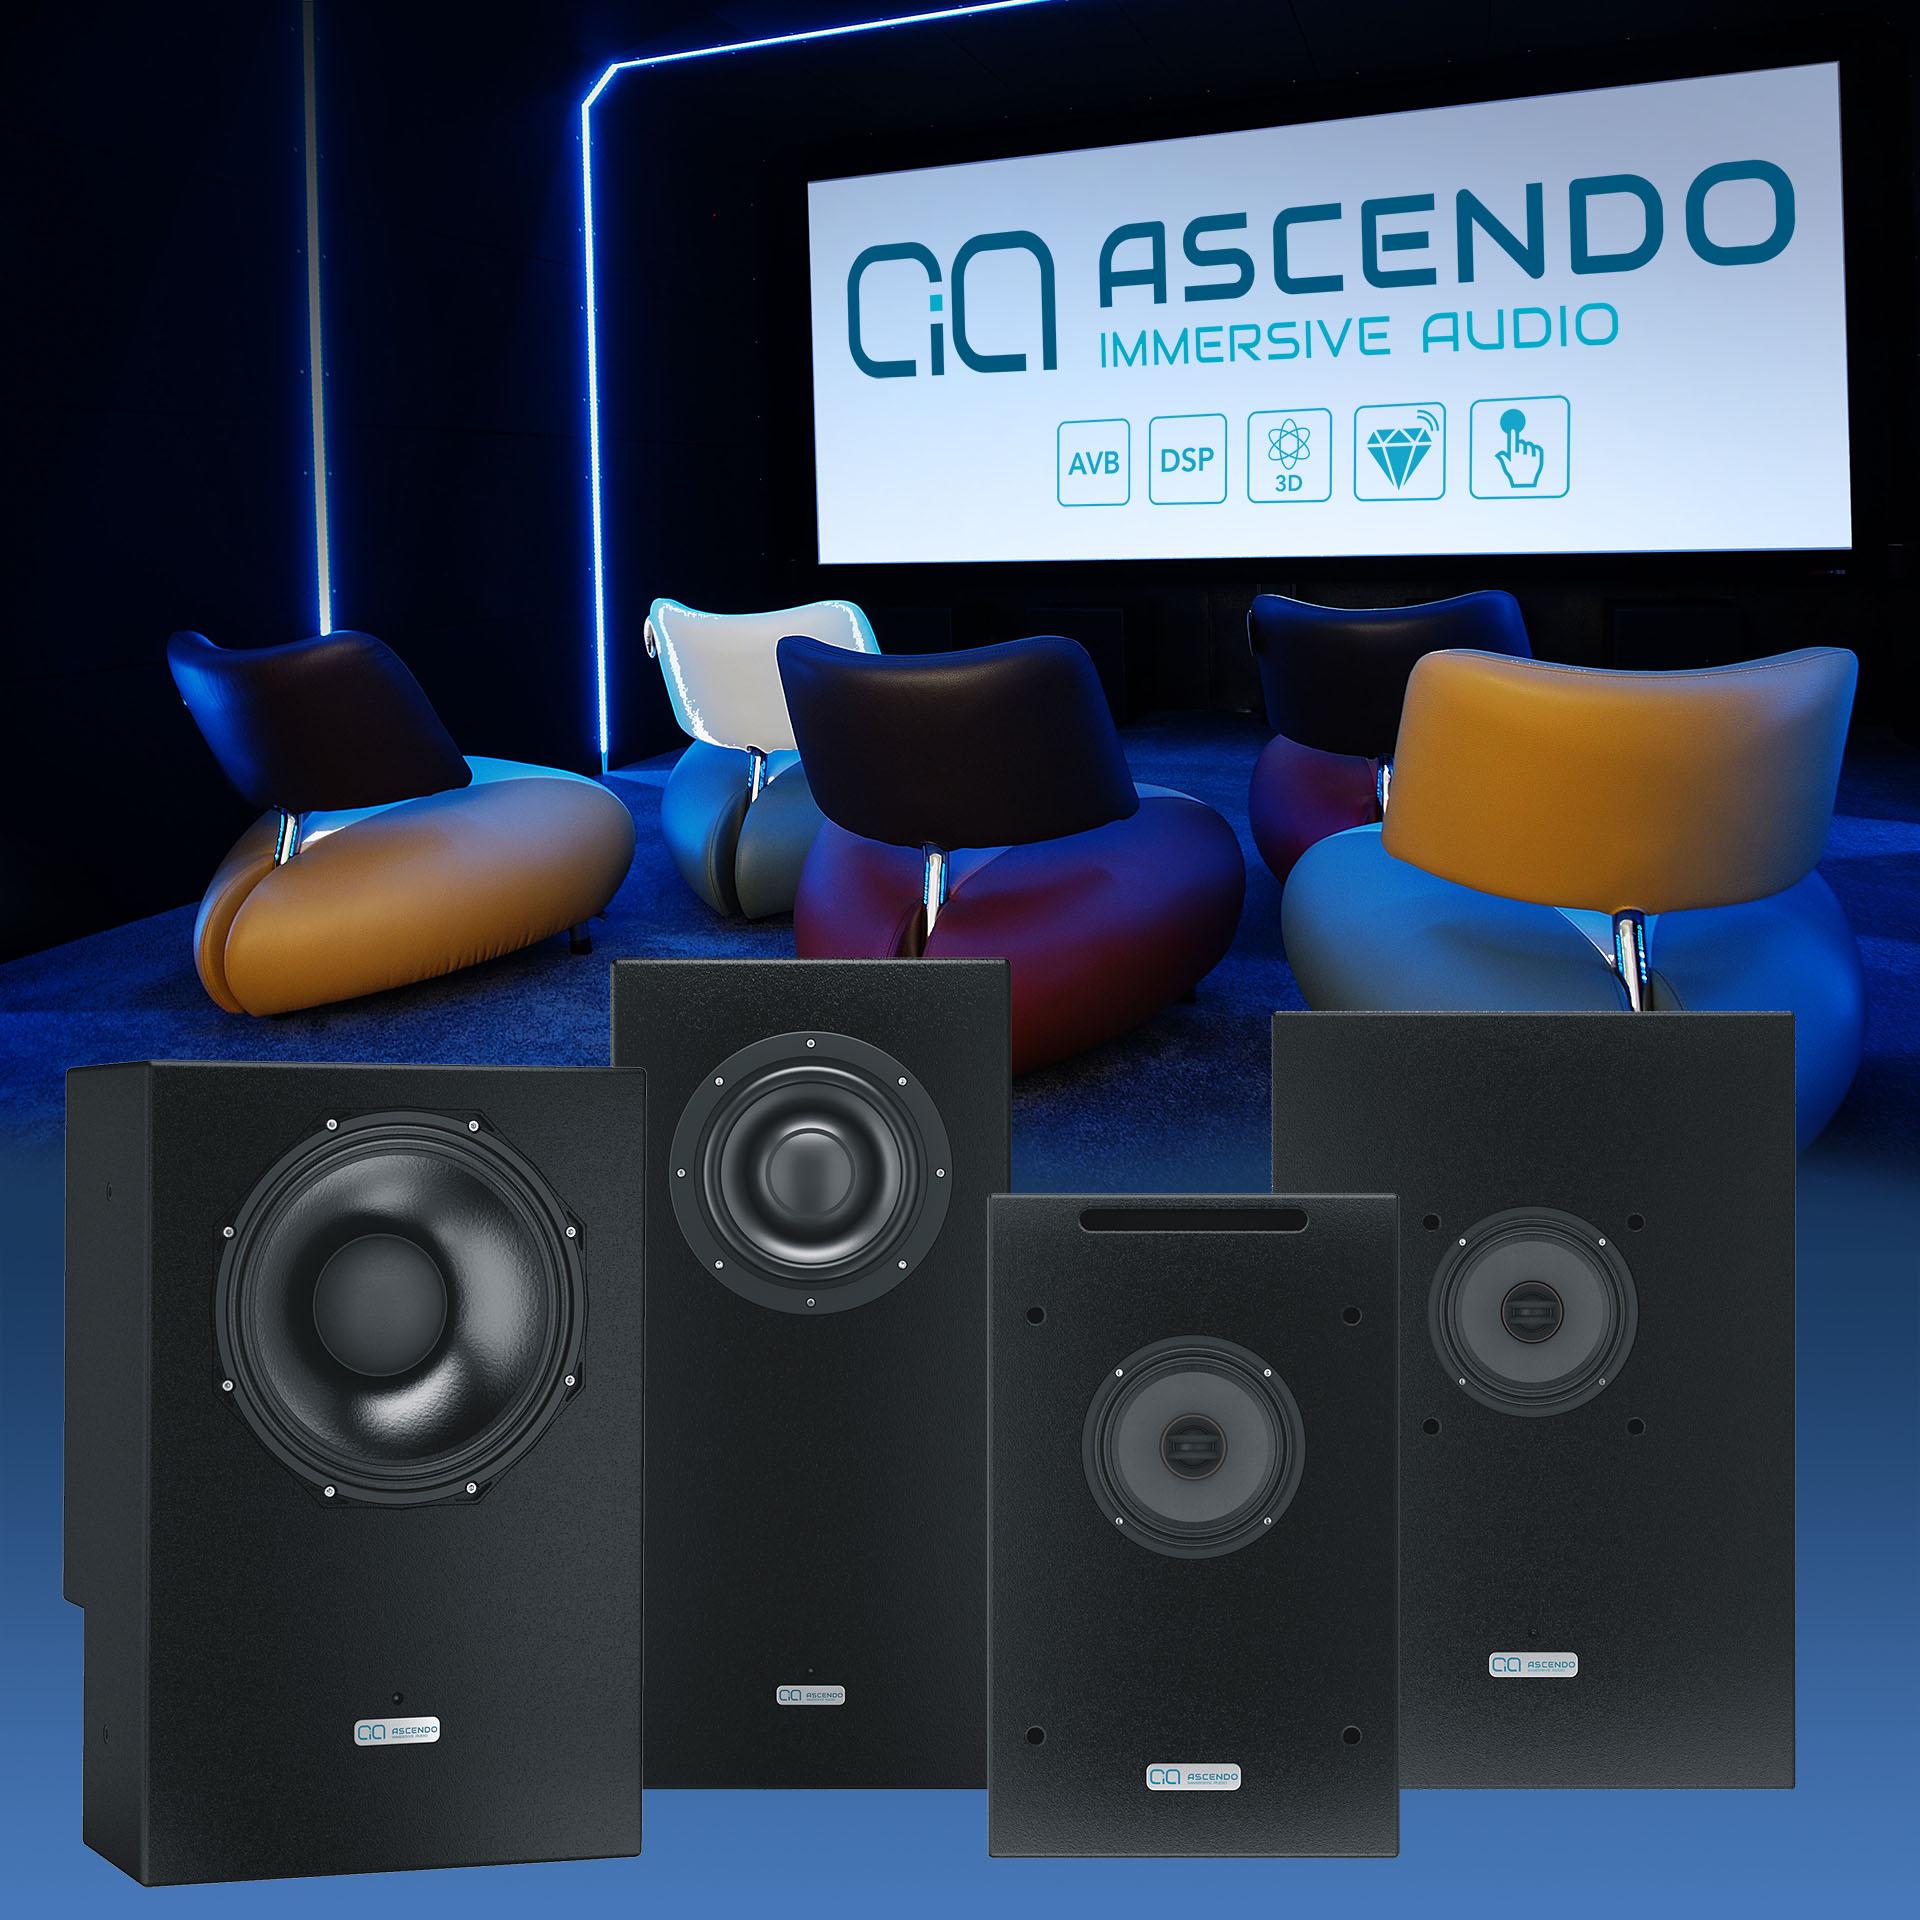 Решения от Ascendo: впервые акустические системы, предназначенные для домашнего использования, обладают всеми качествами профессиональной акустики